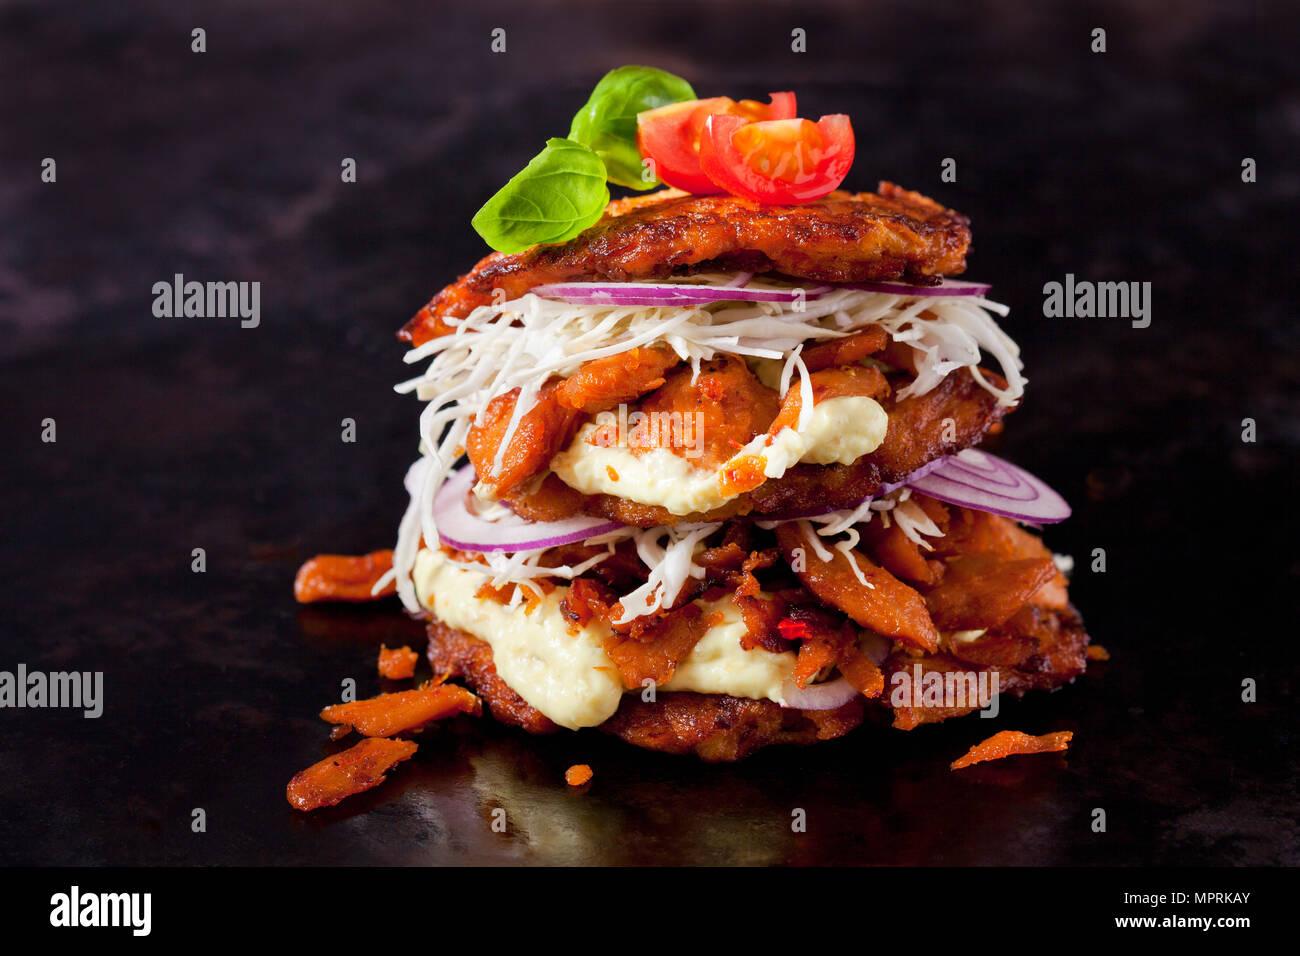 Faites de Veggie burger les beignets de pommes de terre, patates douces, de soja, de la viande et de la sauce barbecue rémoulade Photo Stock